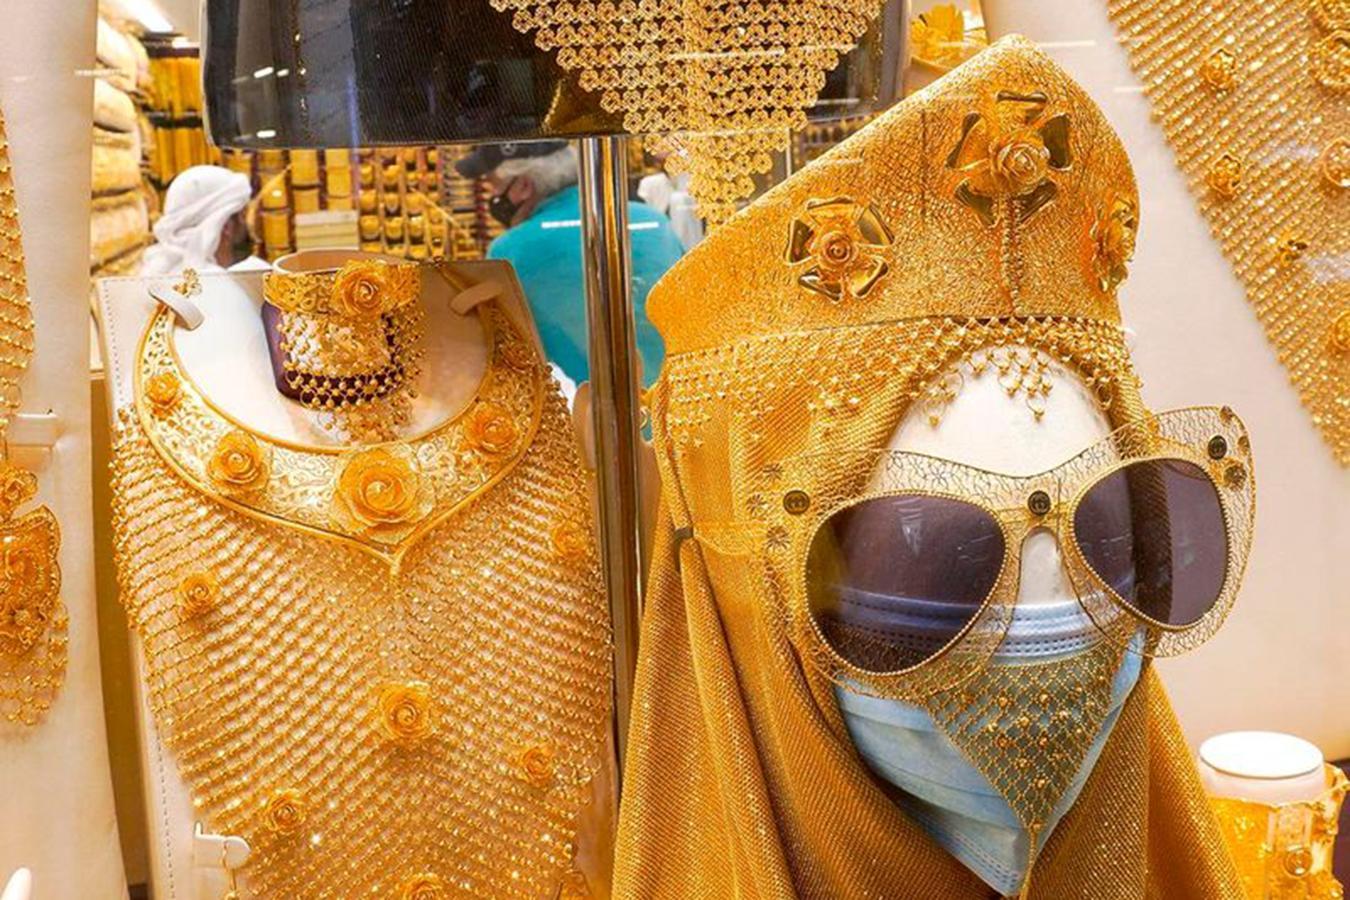 Lóa mắt trước khu chợ toàn bằng vàng ở UAE - Ảnh 4.